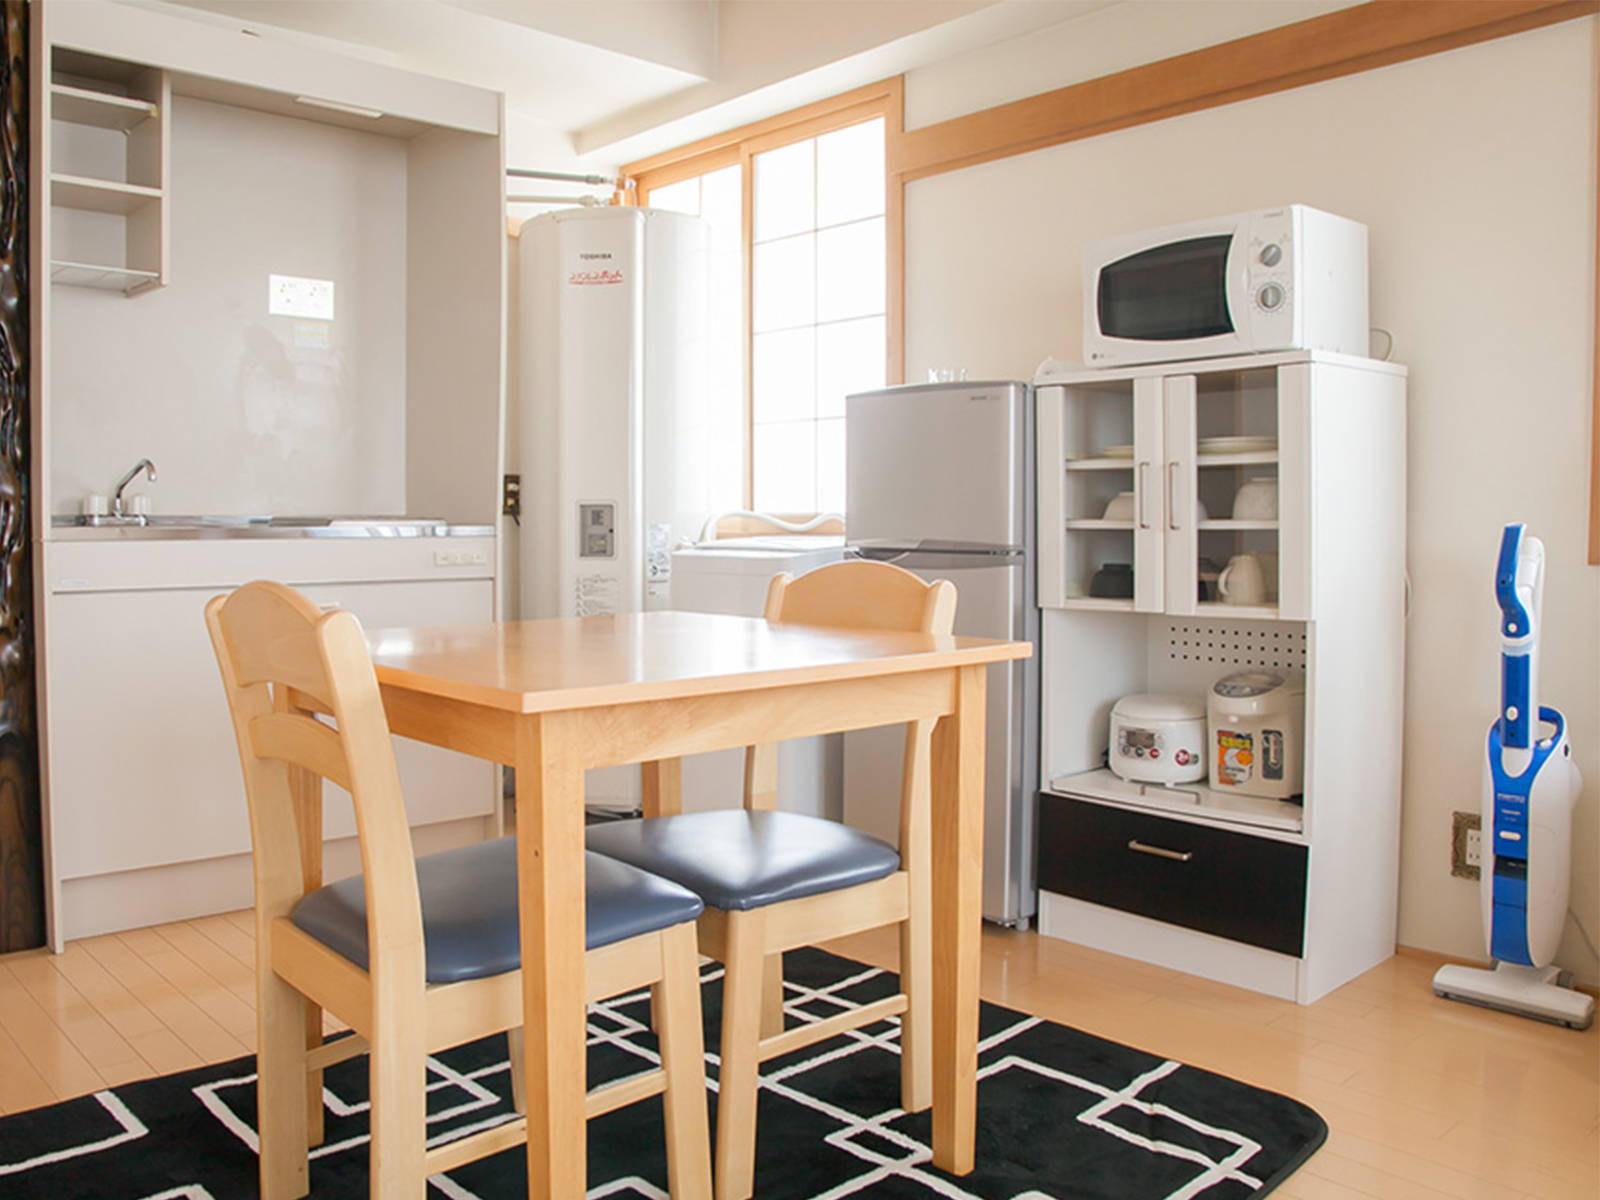 北海道のウィークリーマンション・マンスリーマンション「ドットコムビル 1R」メイン画像